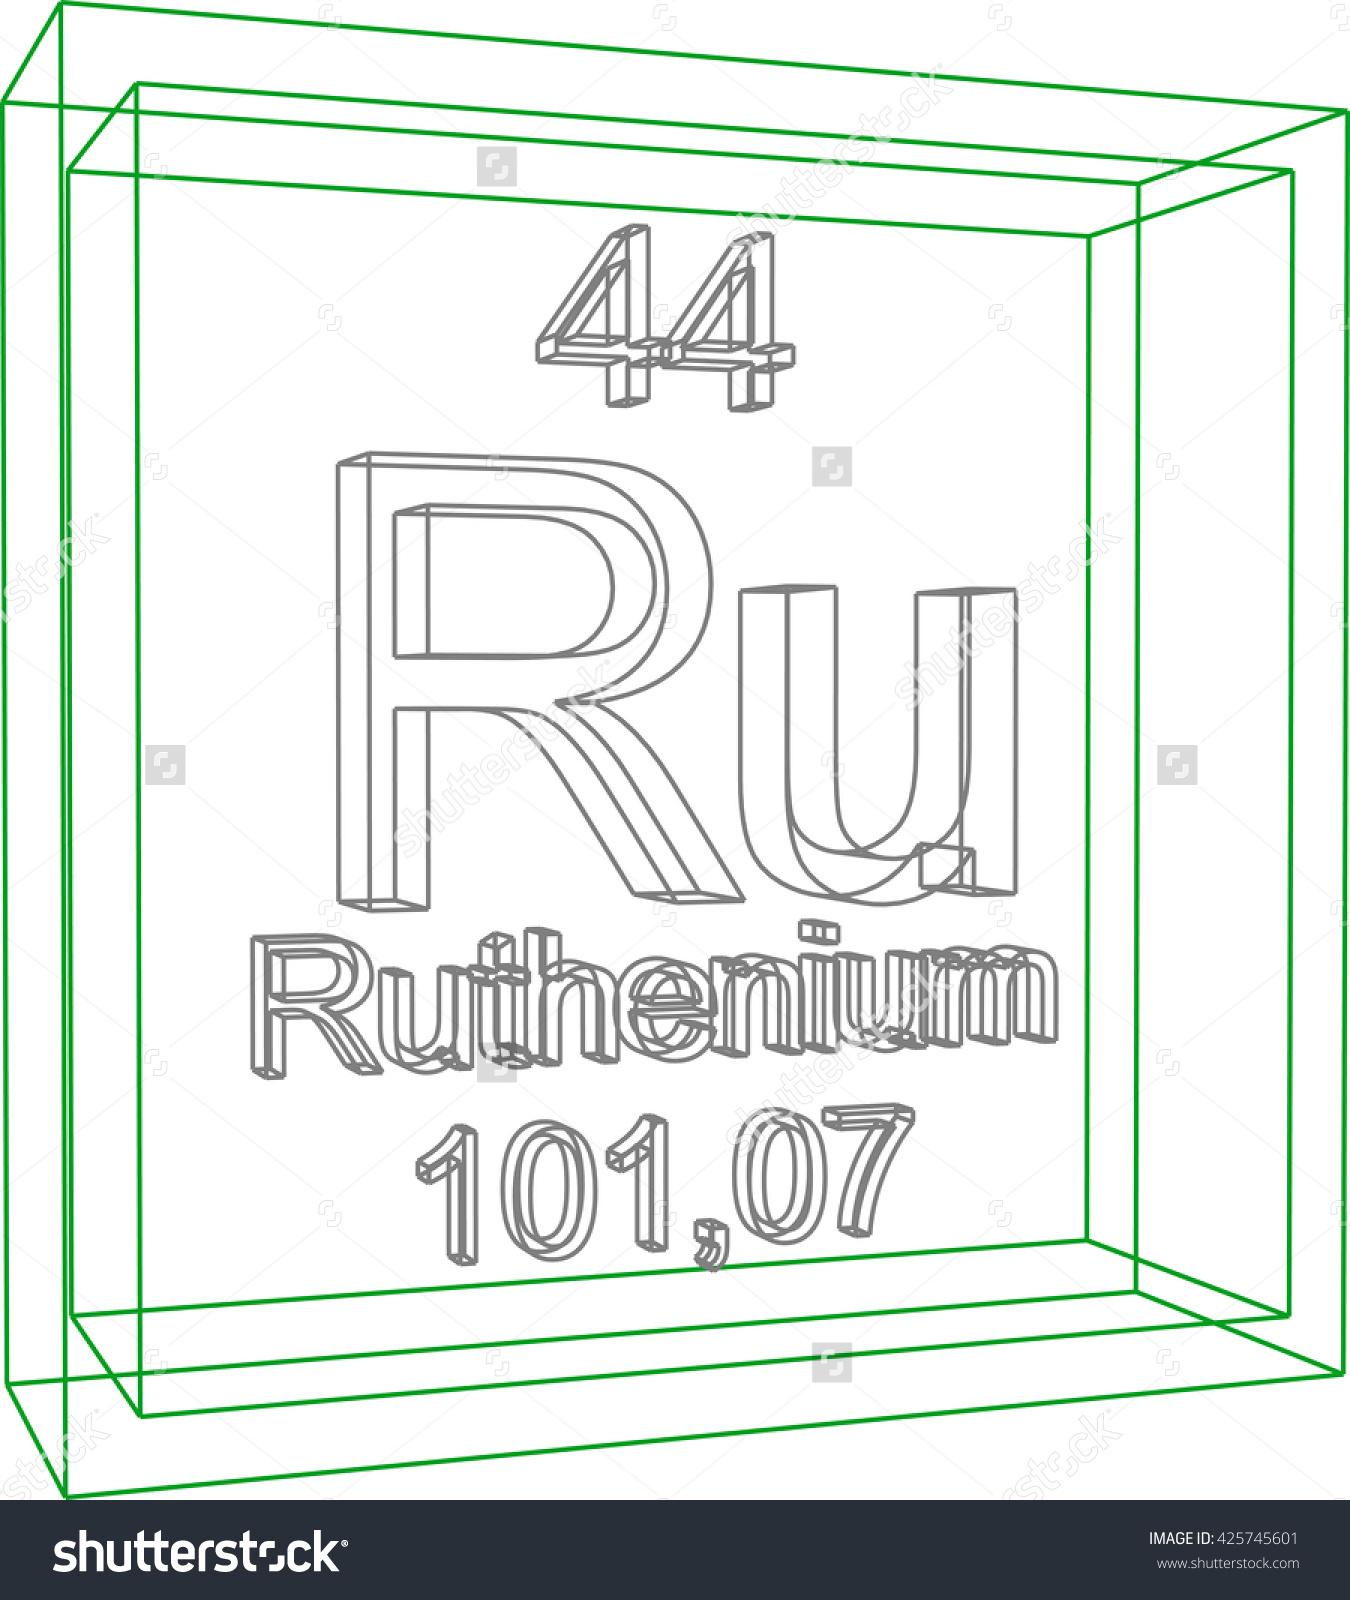 Ruthenium coloring #4, Download drawings